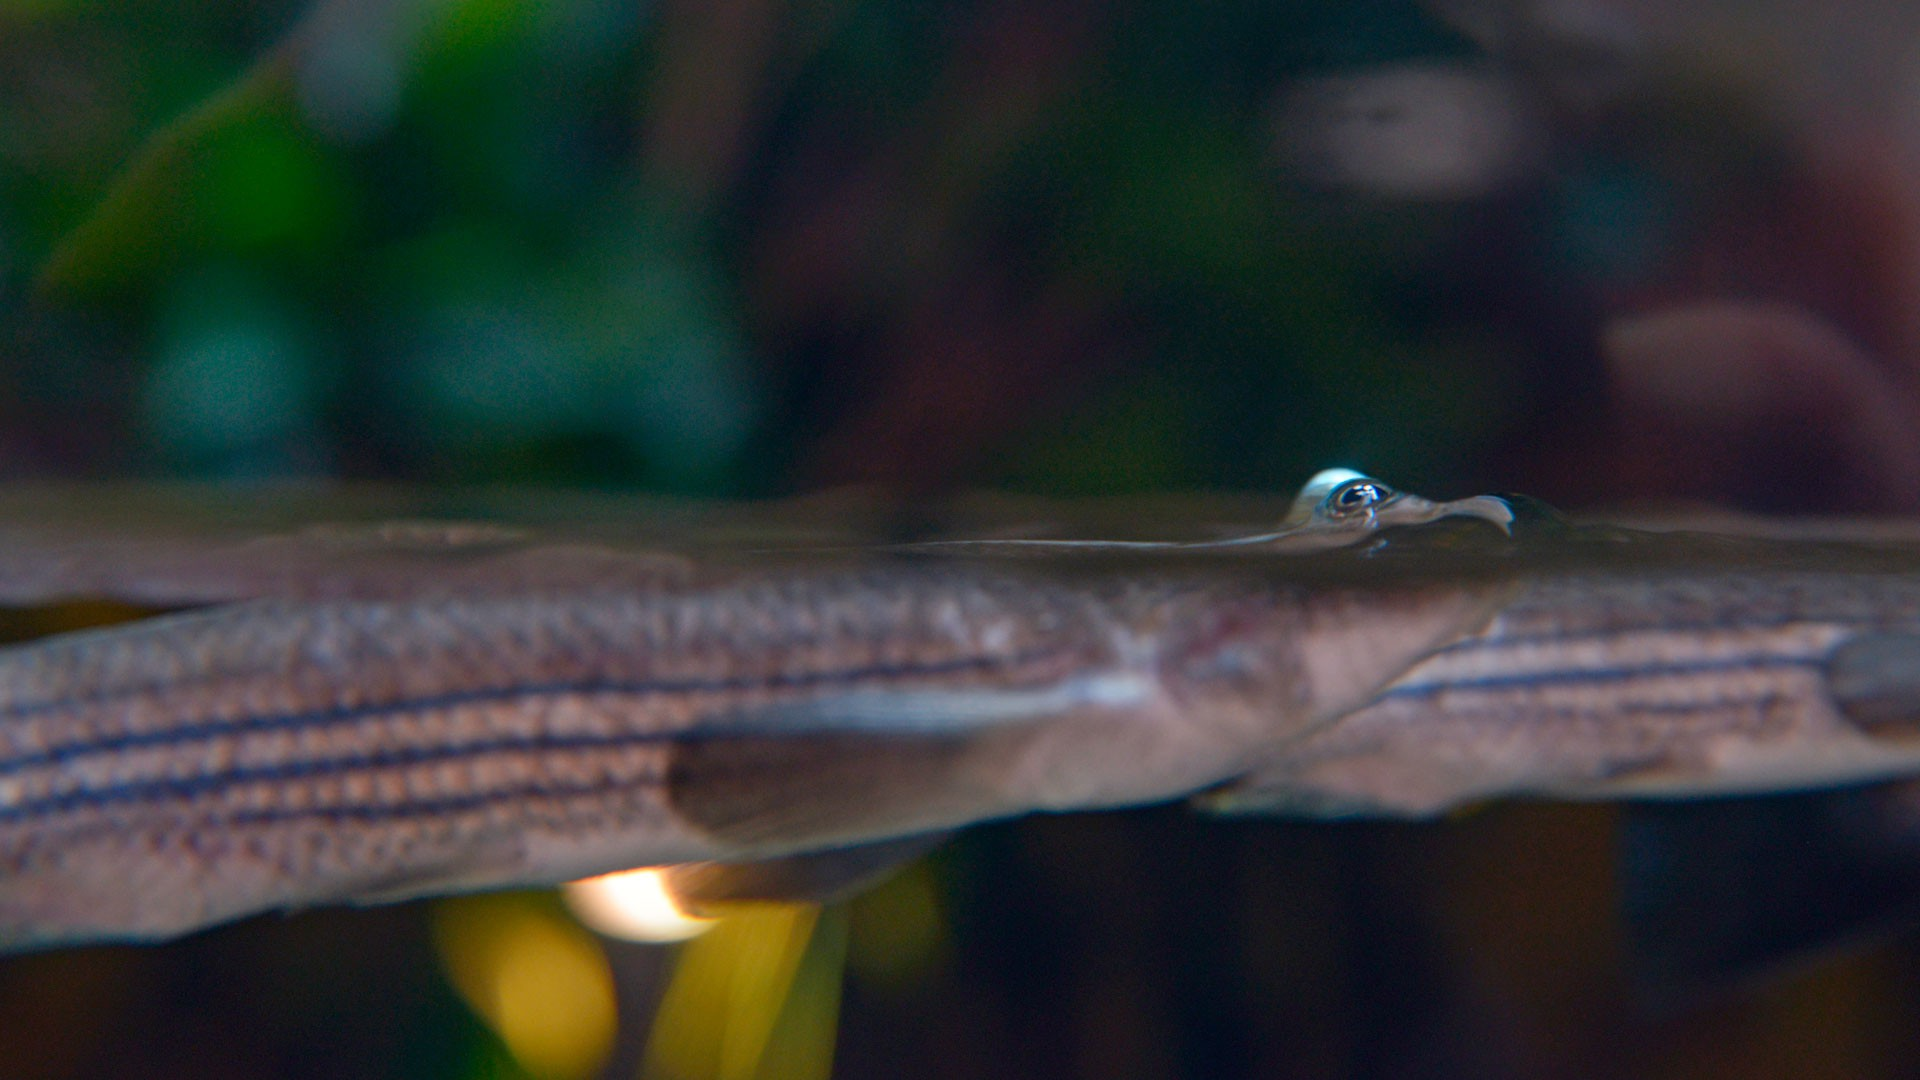 Four-Eyed Fish